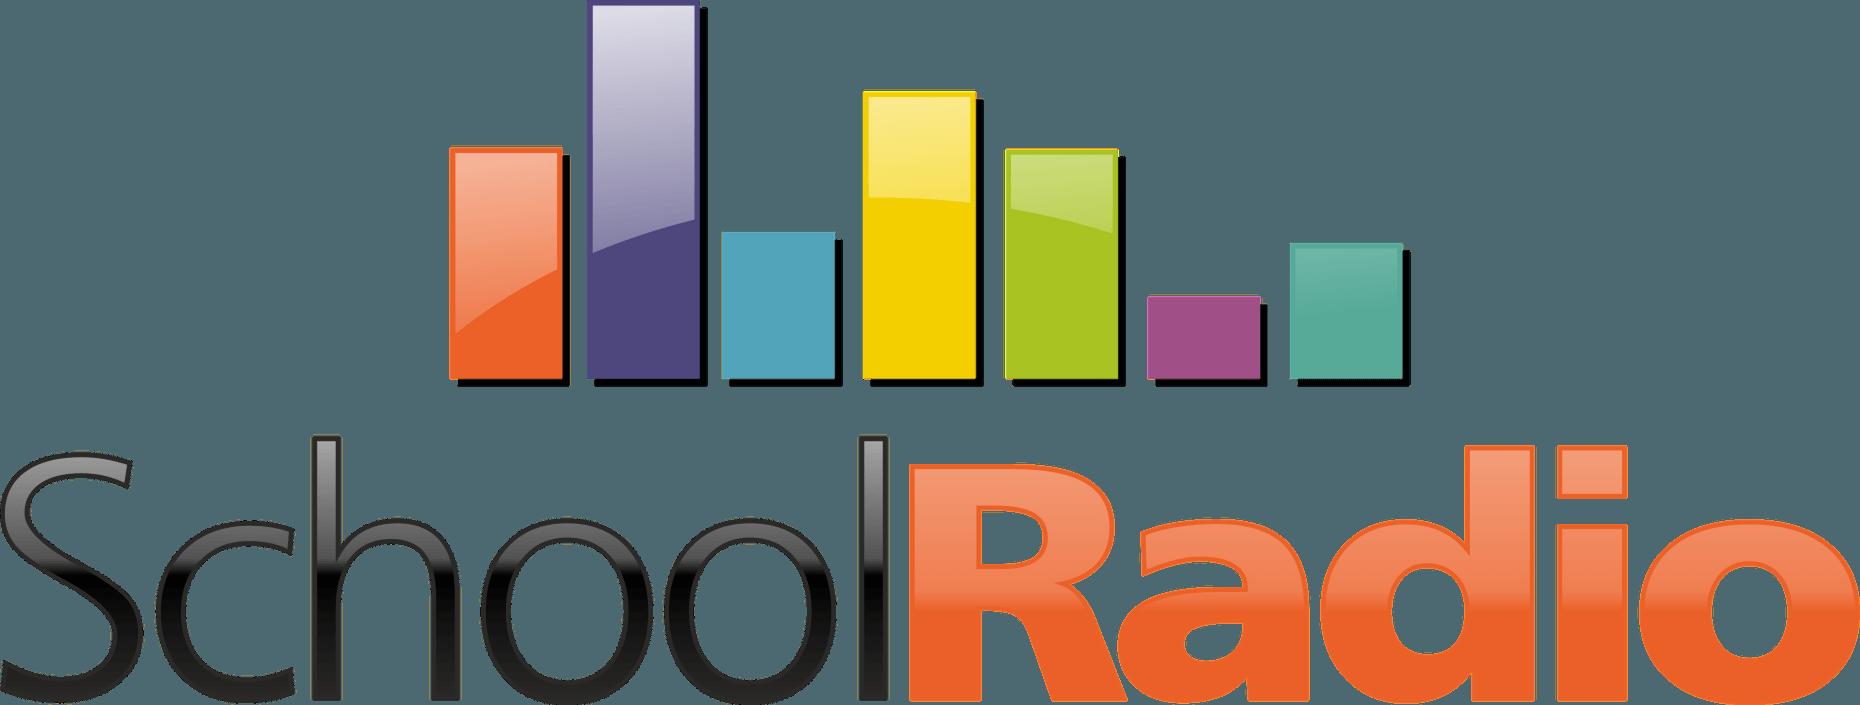 BroadcastRadio